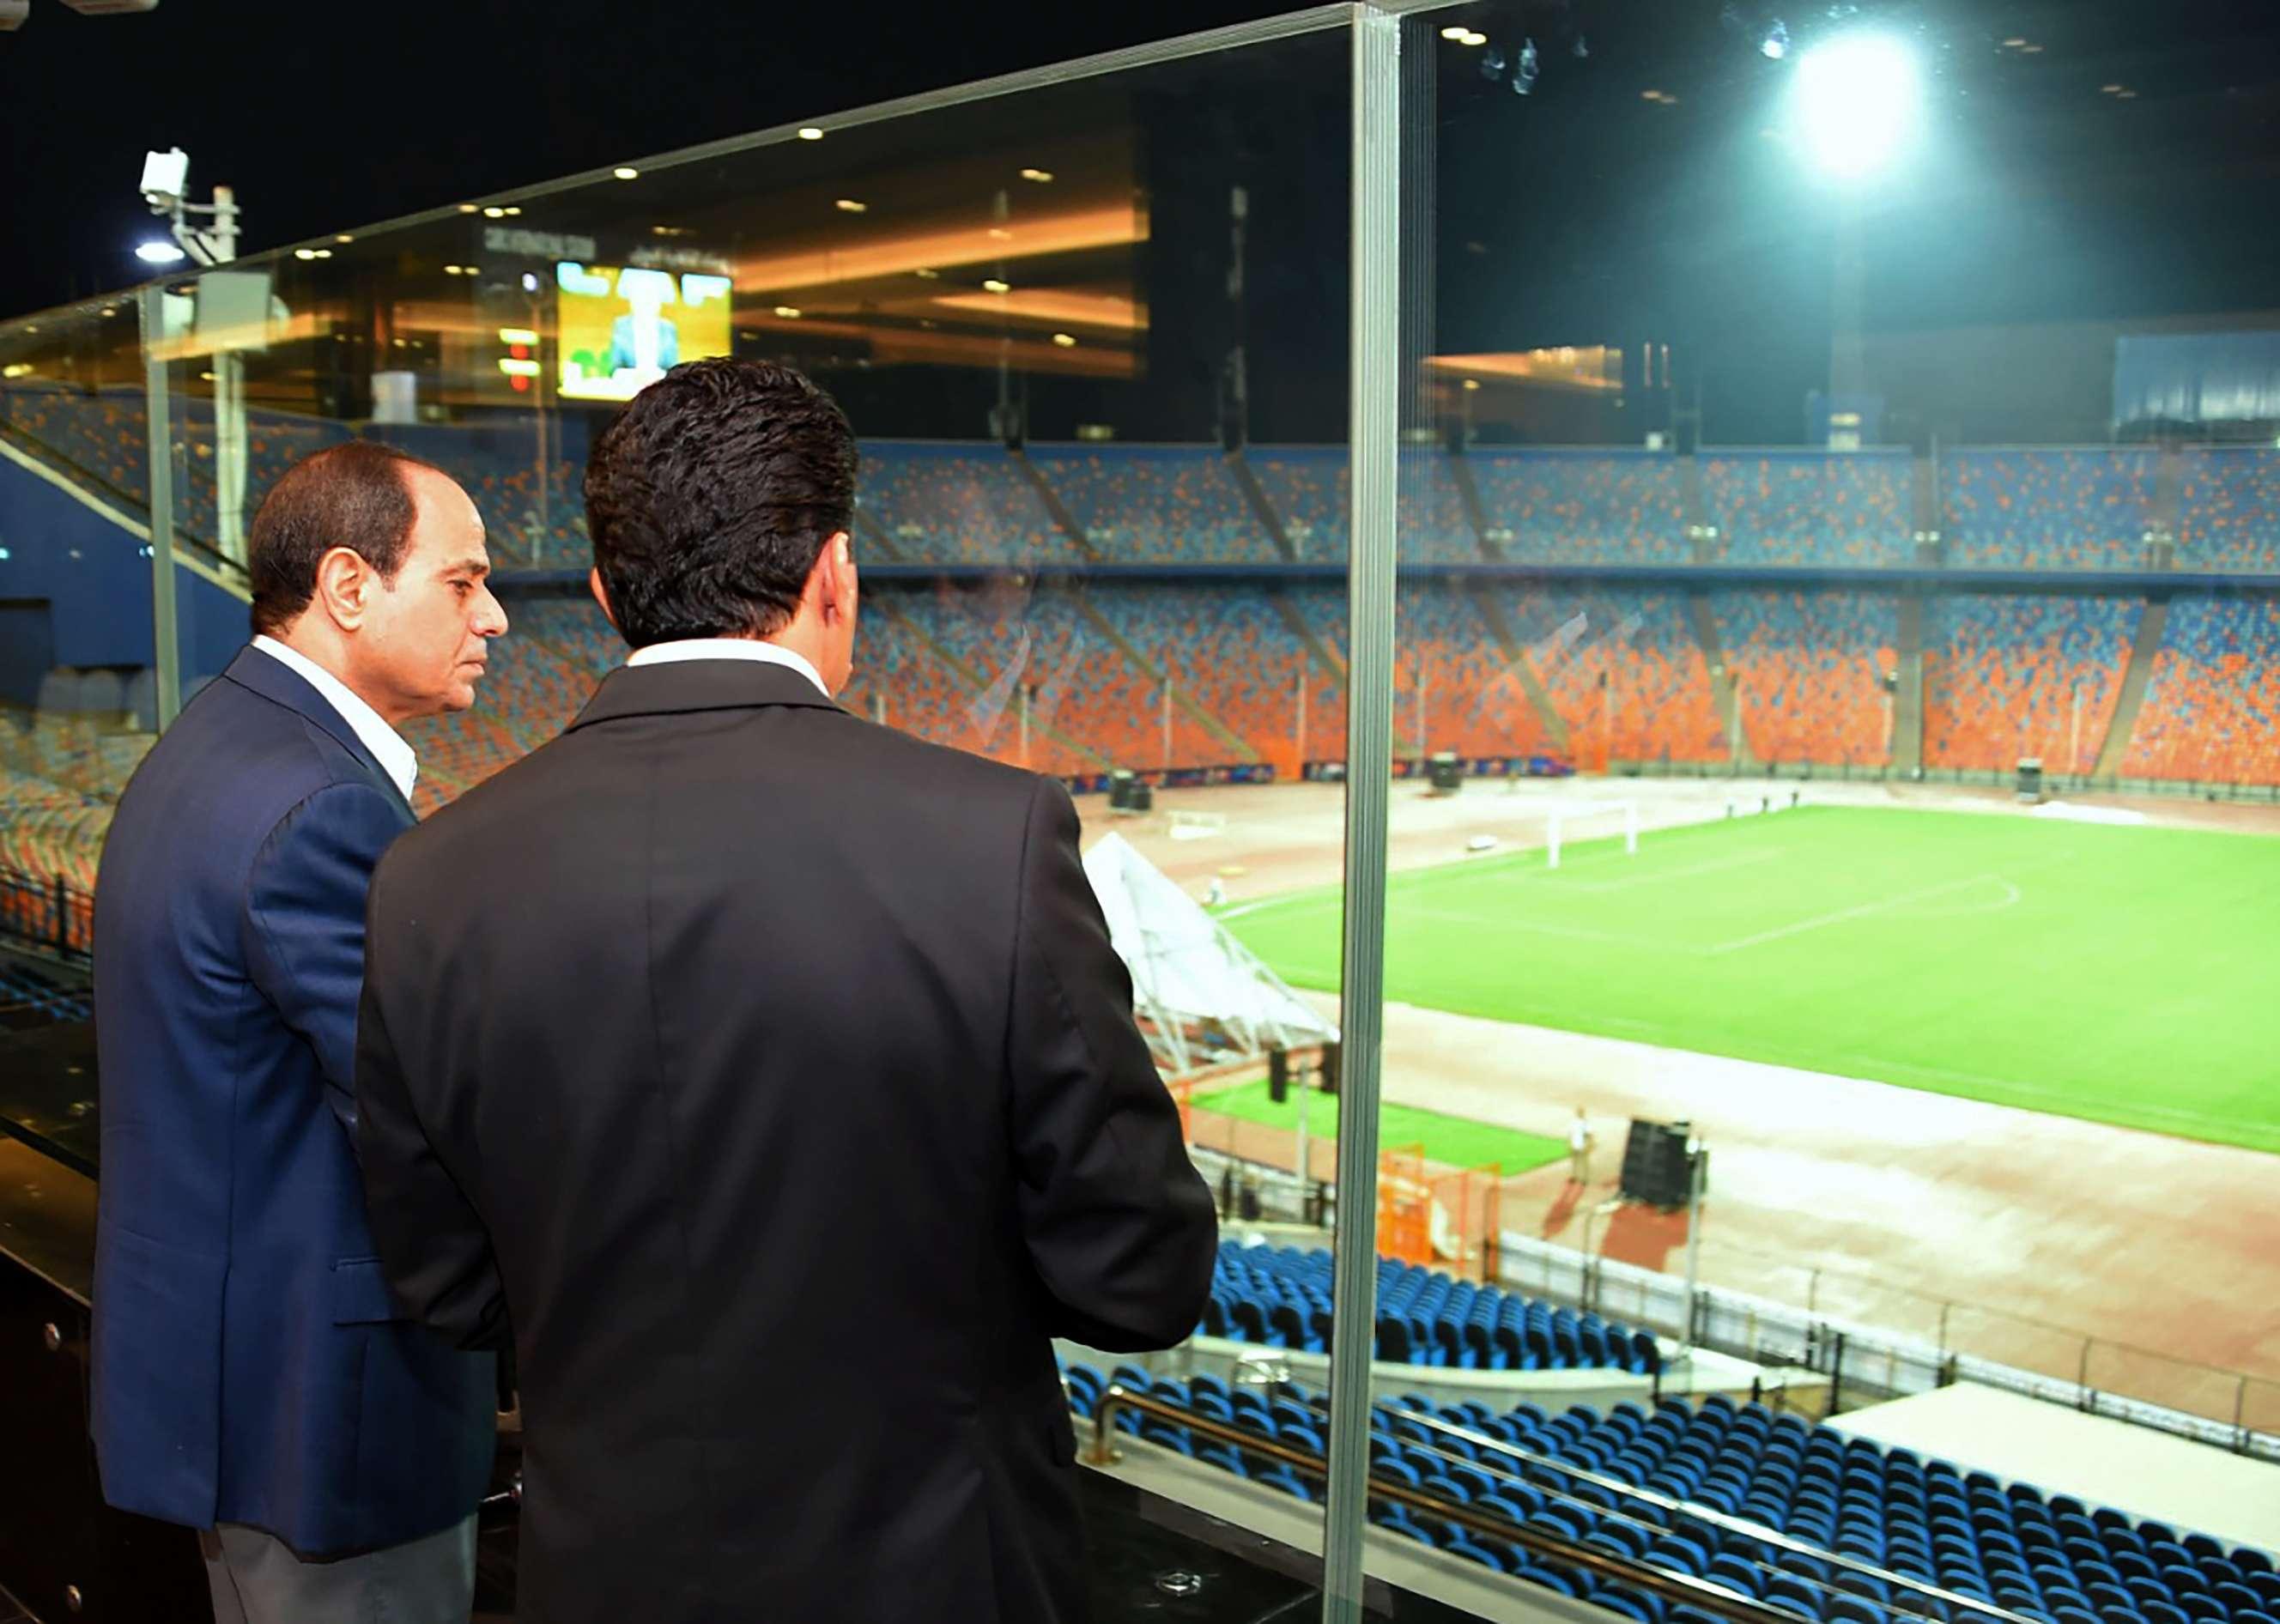 Le président égyptien Abdel Fatah Al Sissi, inspecte les stades du Caire en amont de la CAN 2019, le dimanche 16 juin.